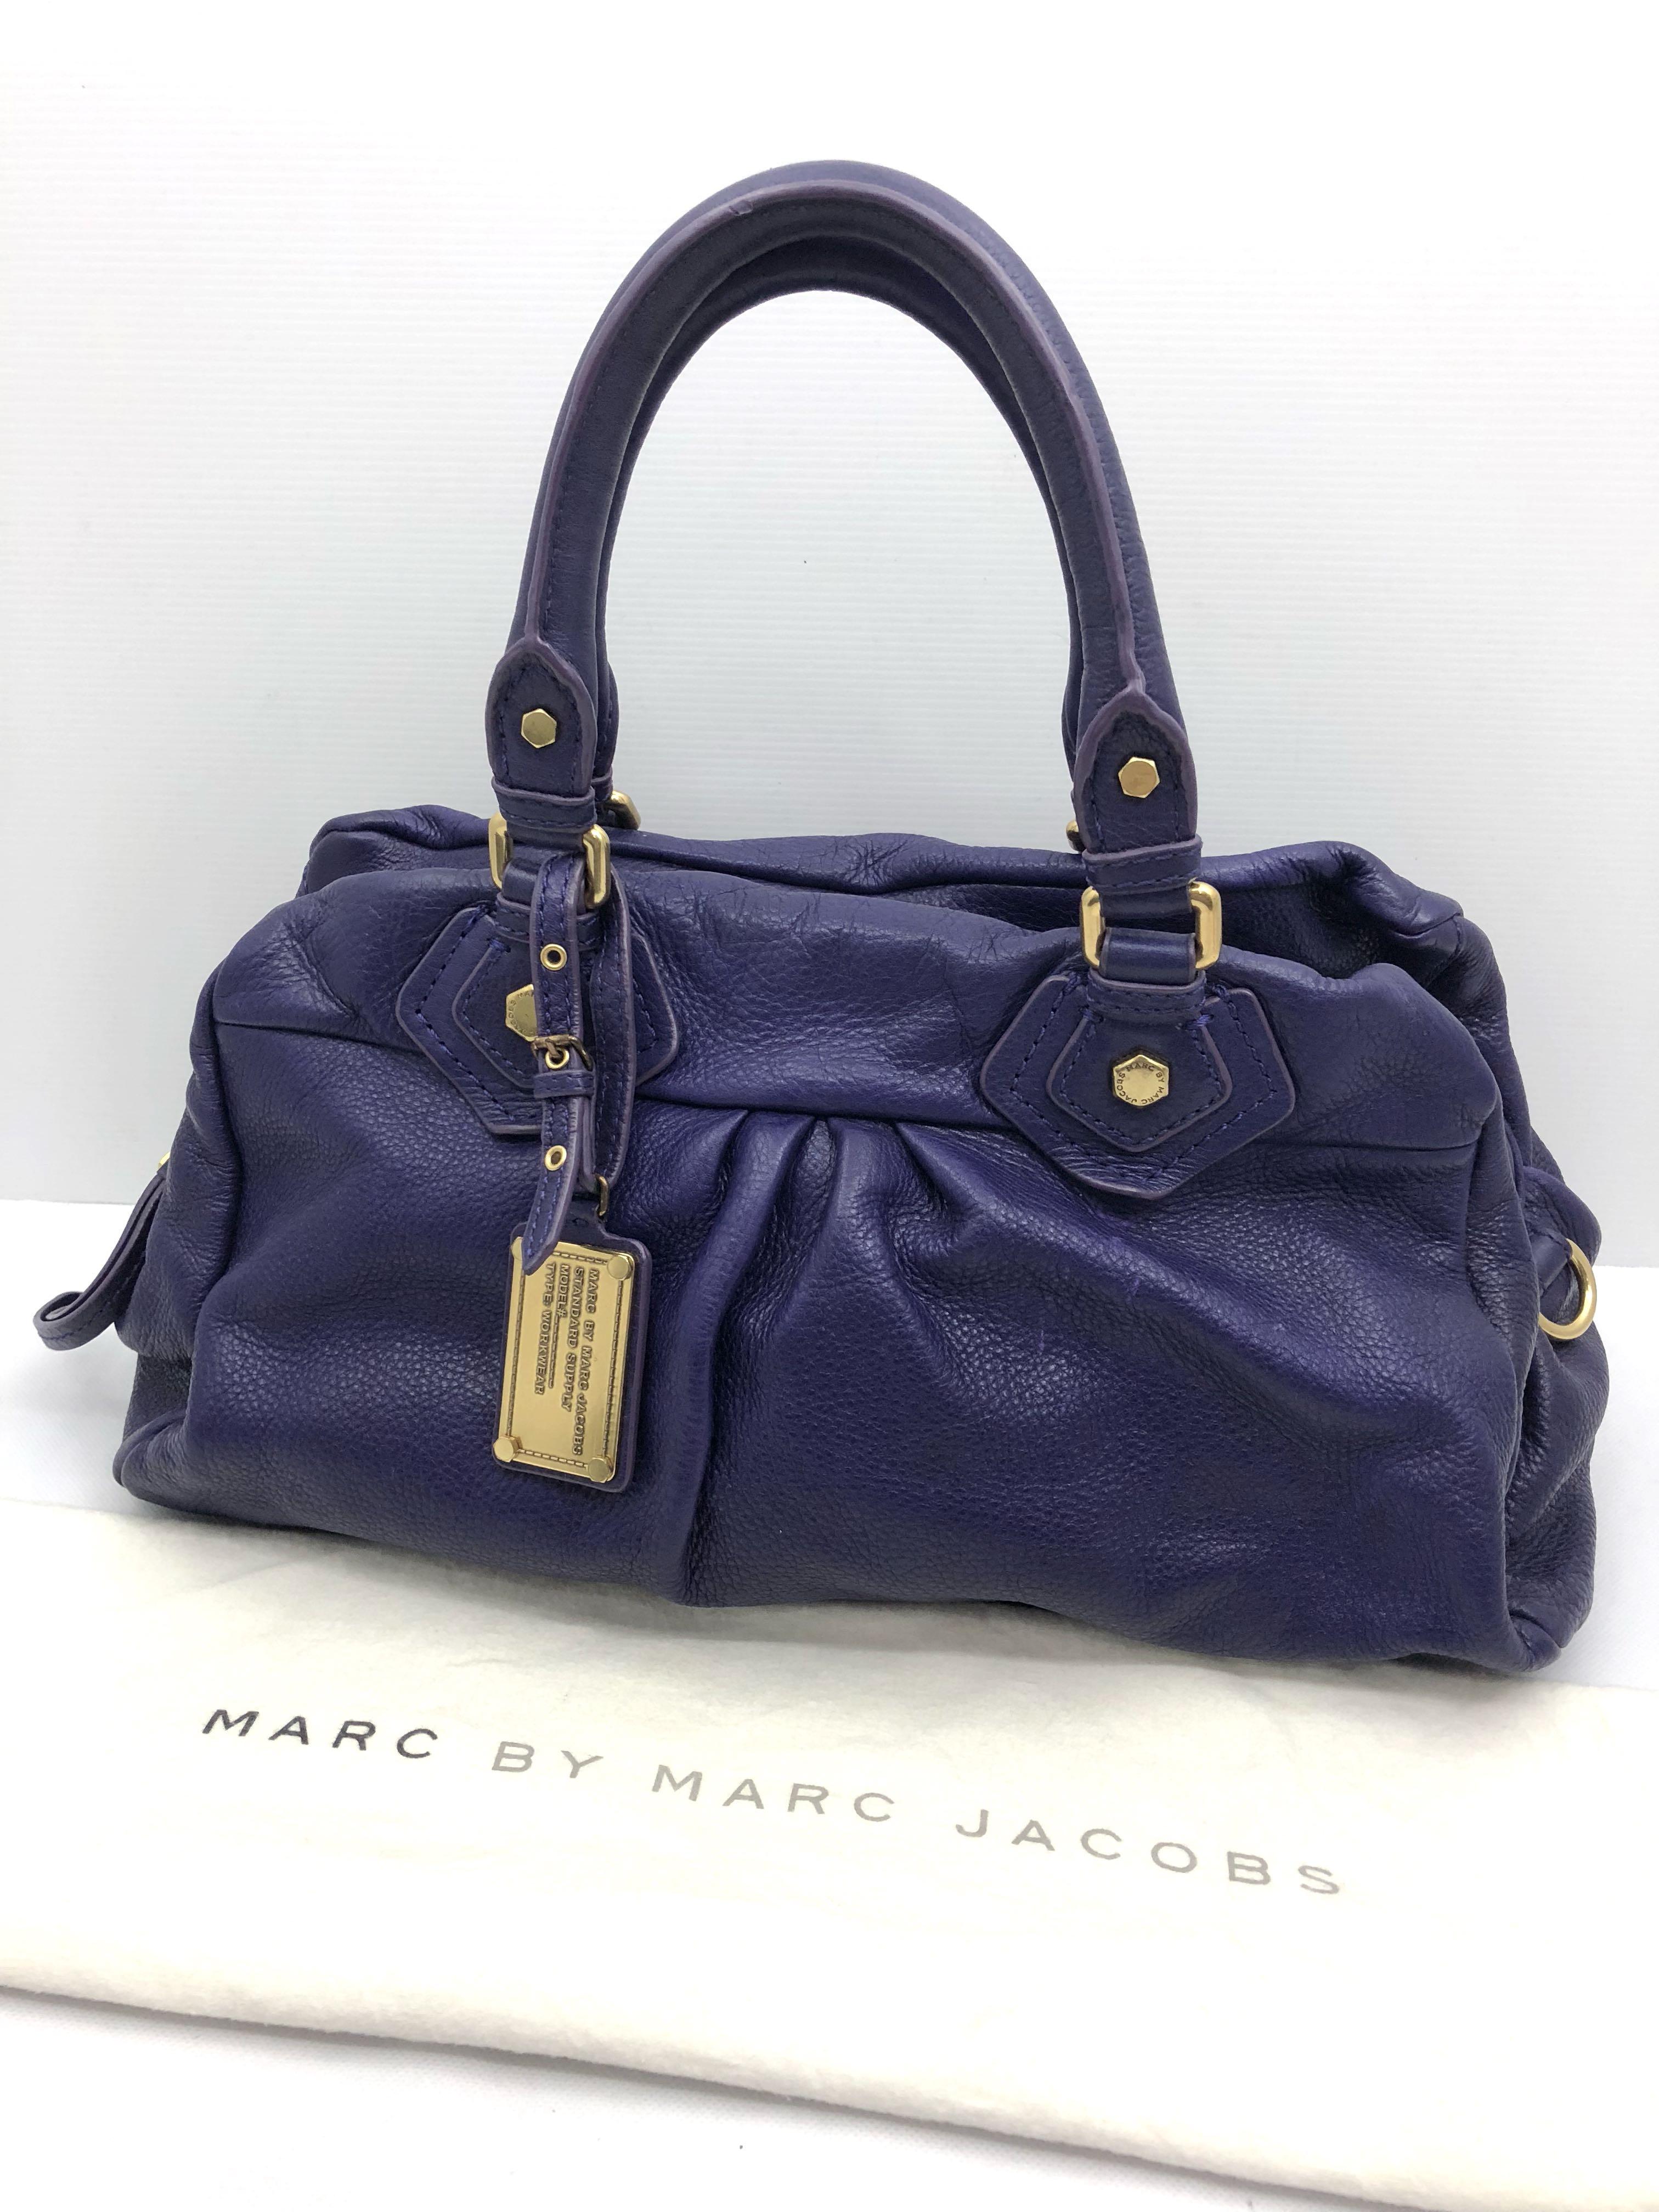 MARC BY MARC JACOBS HAND BAG 187002475 e862a8394611d